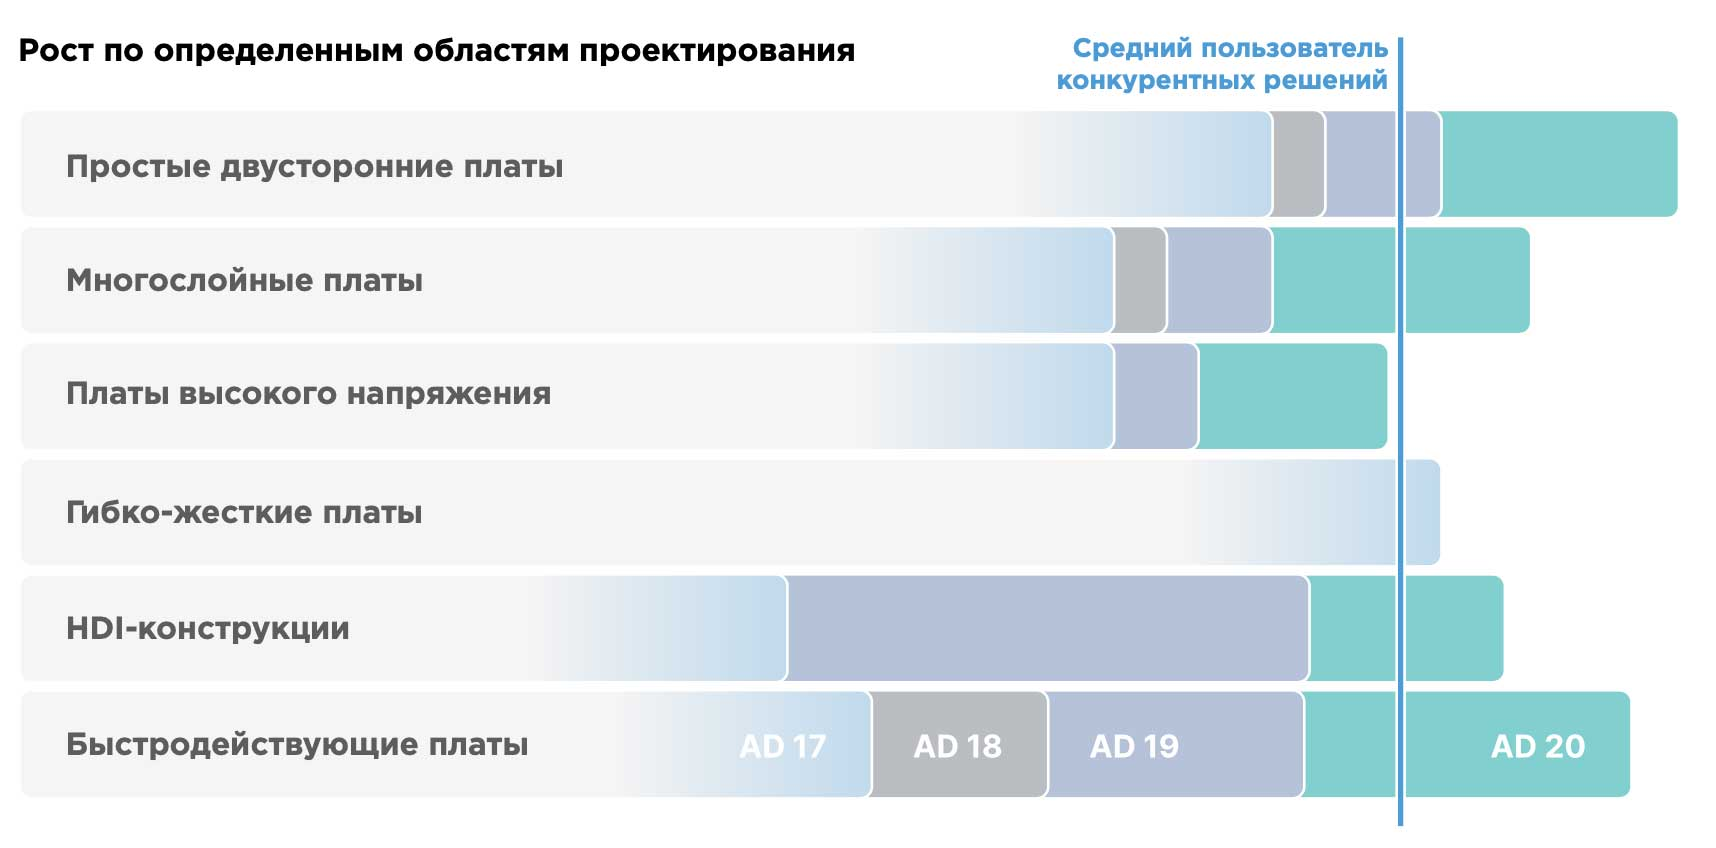 Altium Designer 20 Рост по определенным областям проектирования